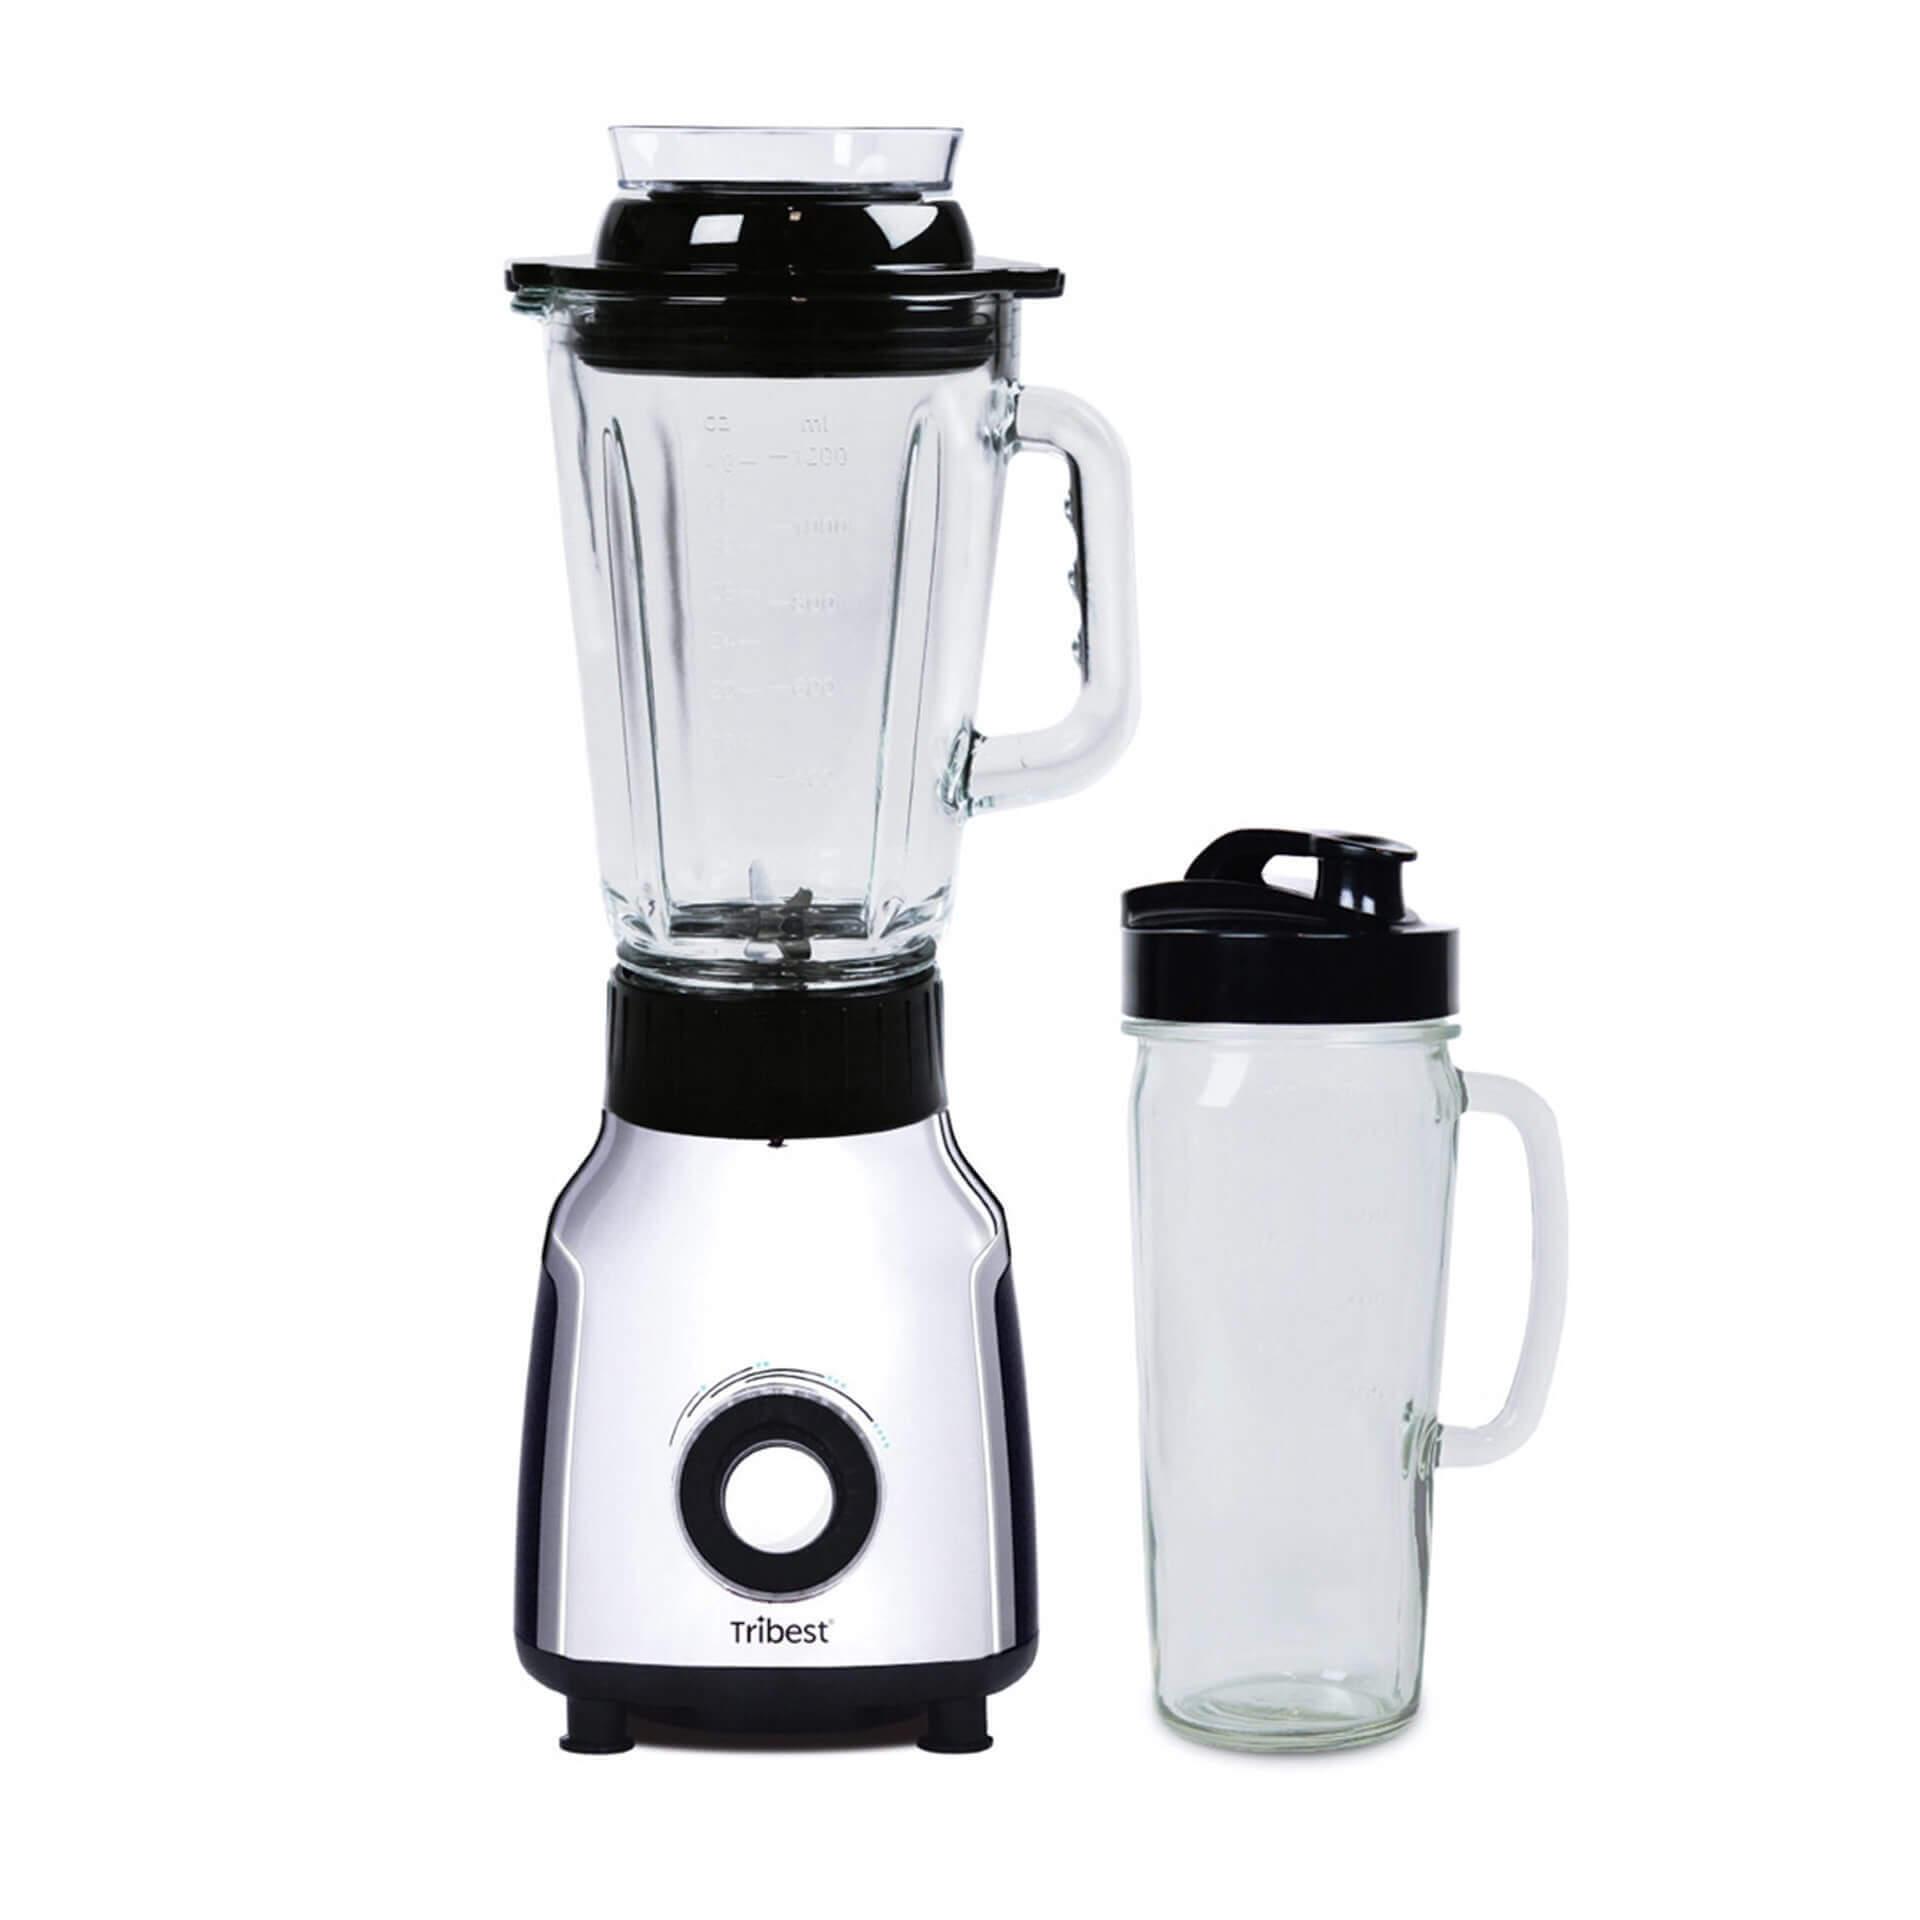 Personal Blender Glas - fuer kurze Zeit mit 1200 ml Glasbehaelter und Mixloeffel gratis